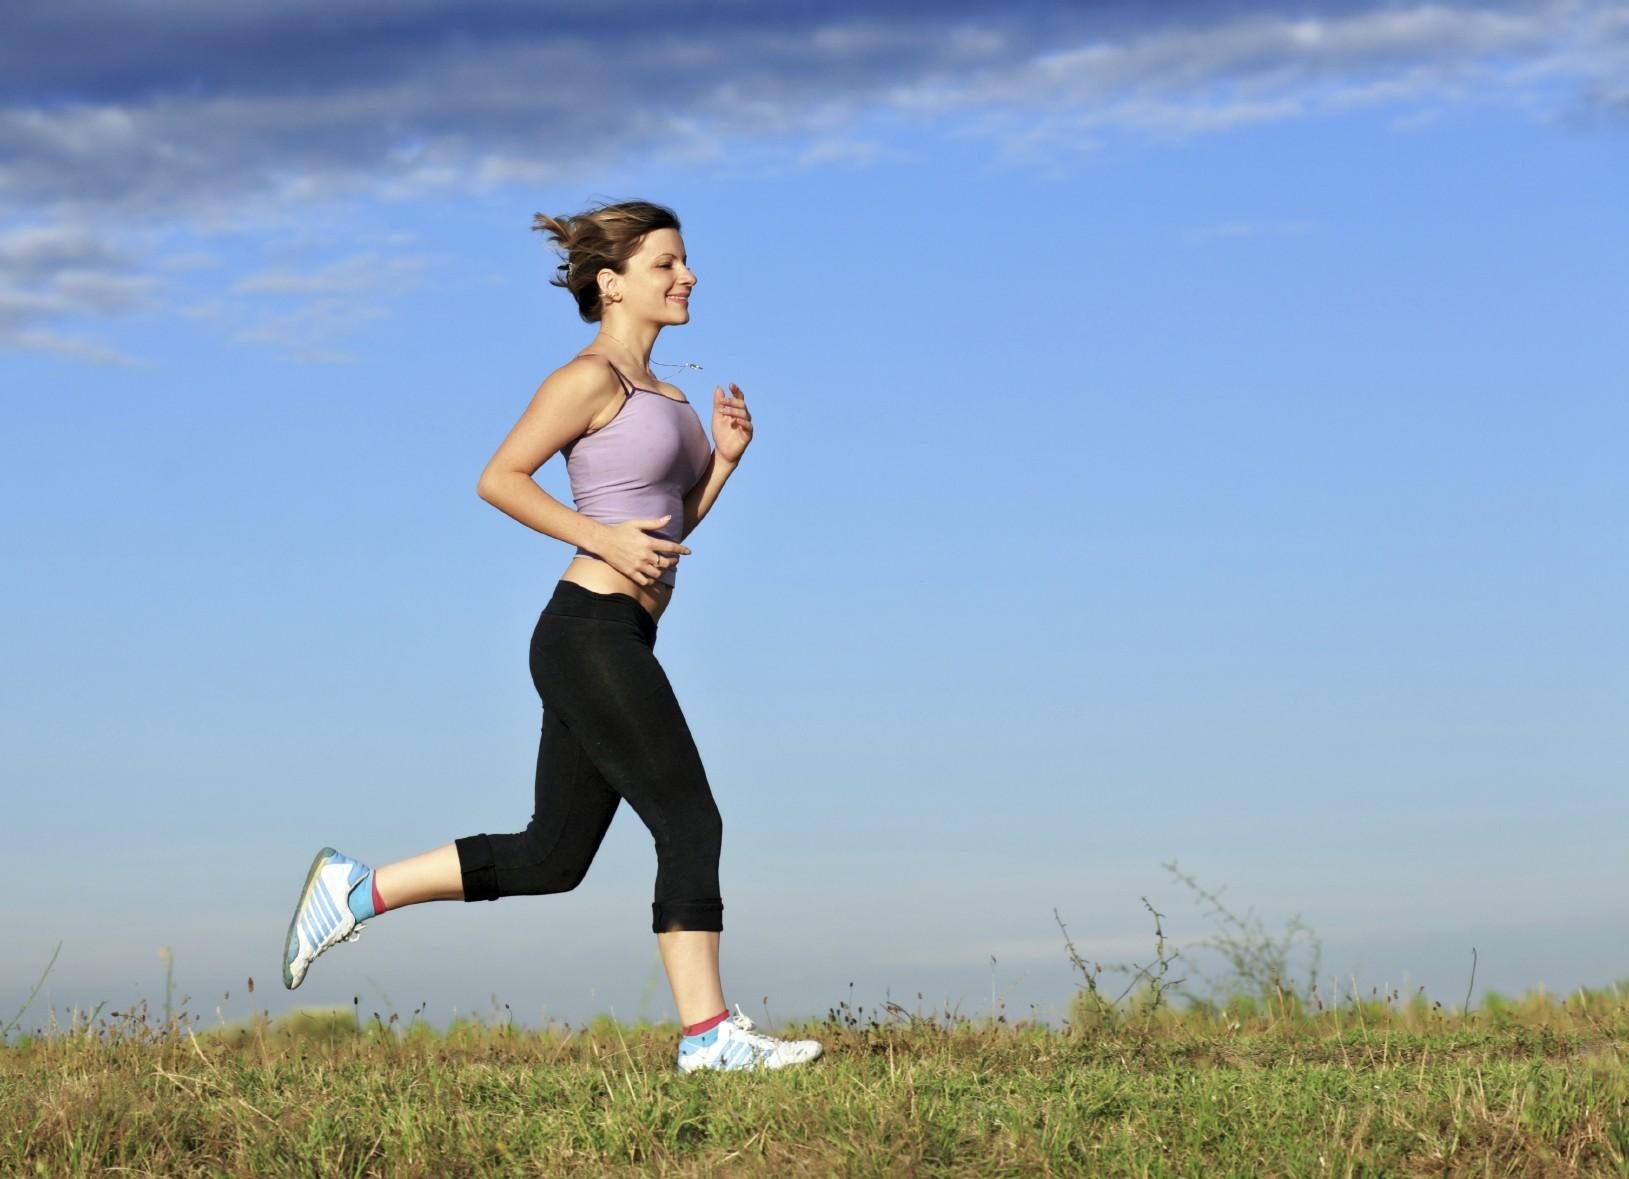 szívköhögés magas vérnyomással aztán meggyógyította a magas vérnyomást